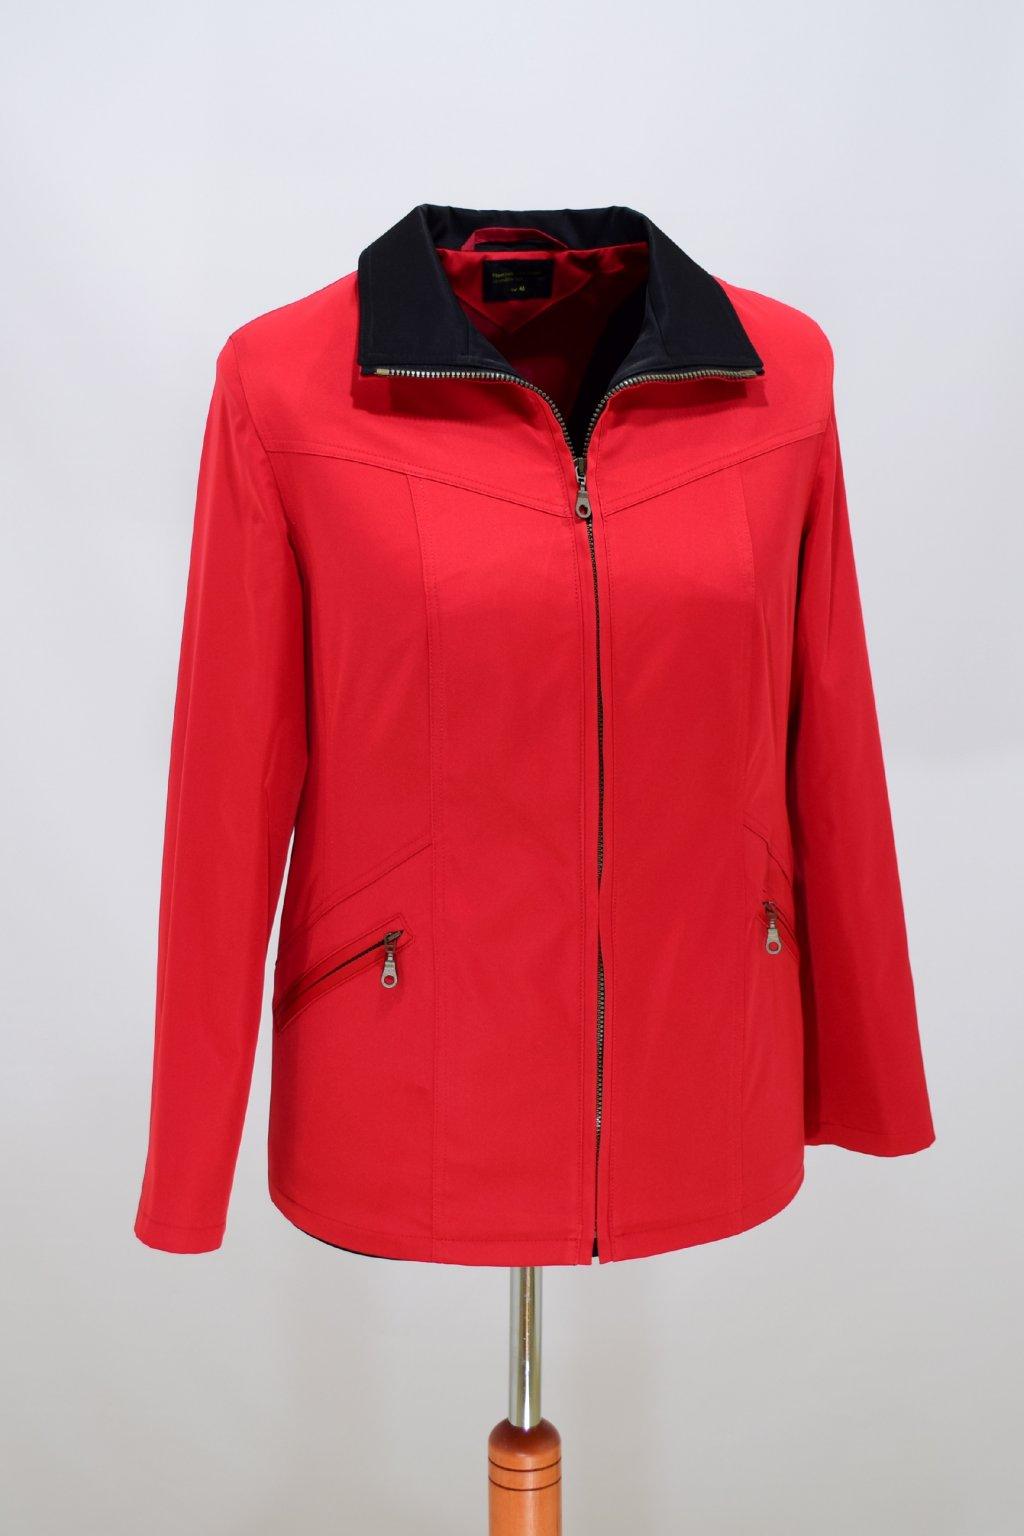 Dámská červená jarní bunda Ema nadměrné velikosti.